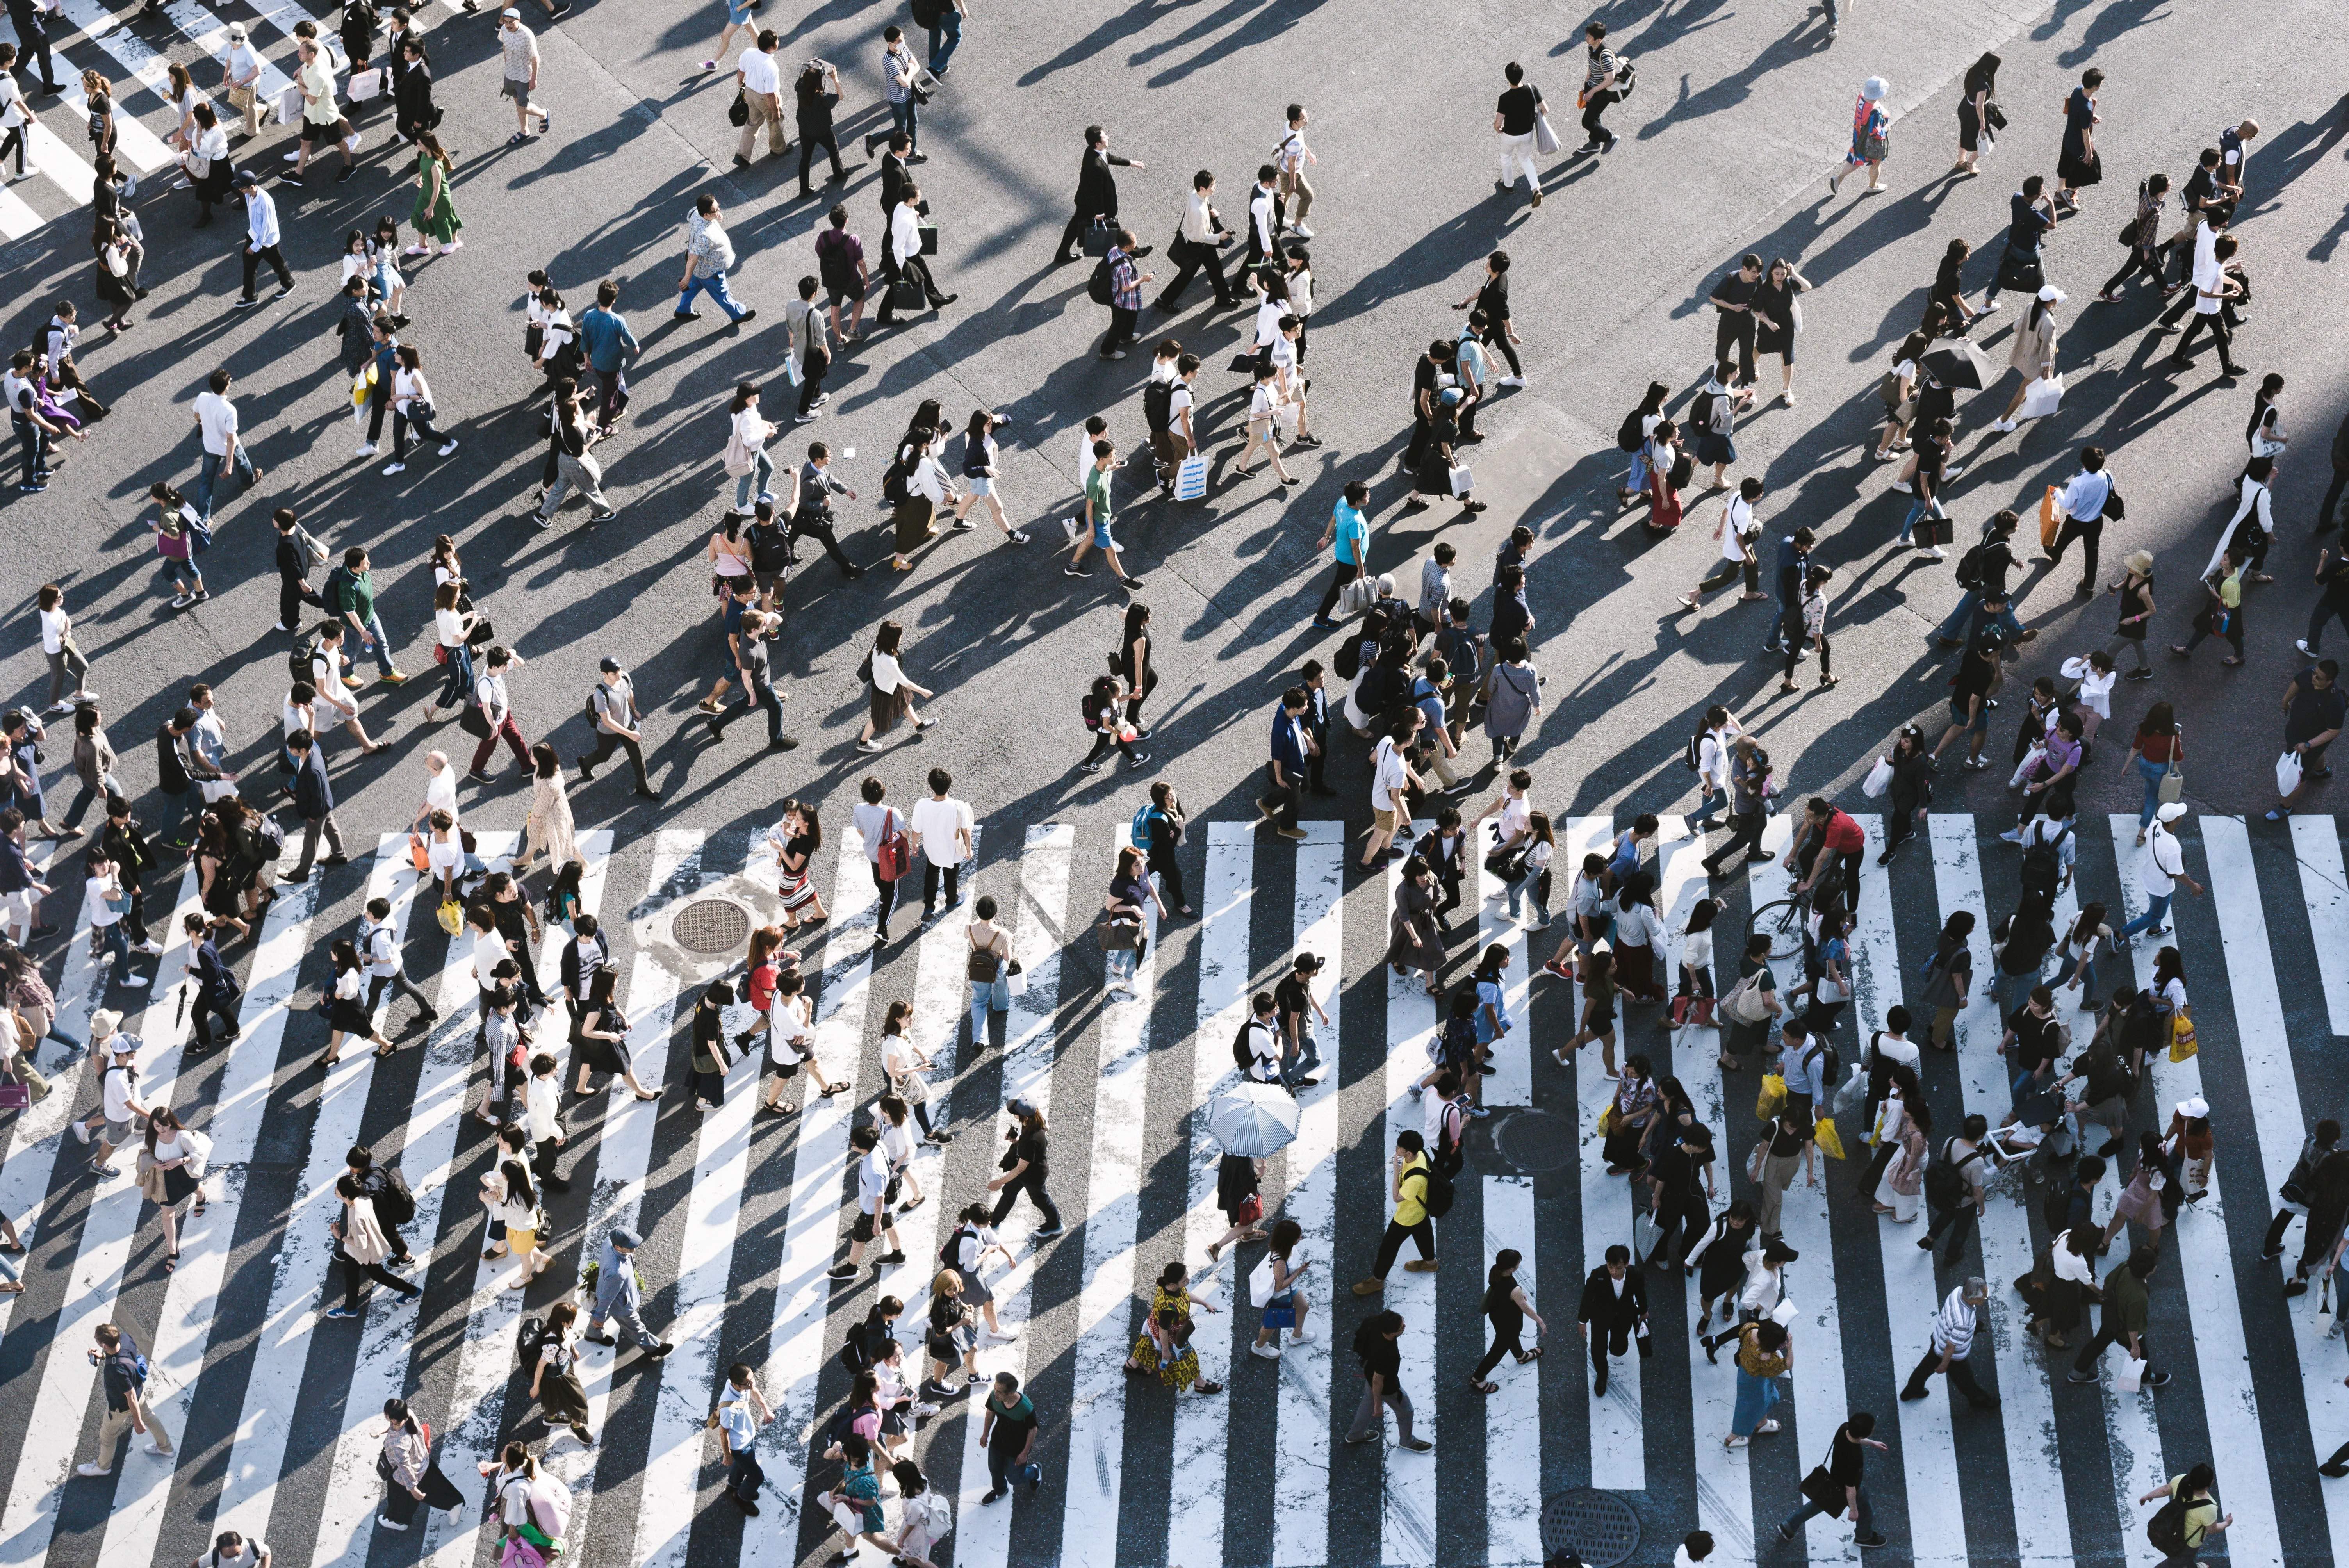 Foto von vielen Menschen, die über einen Zebrastreifen gehen